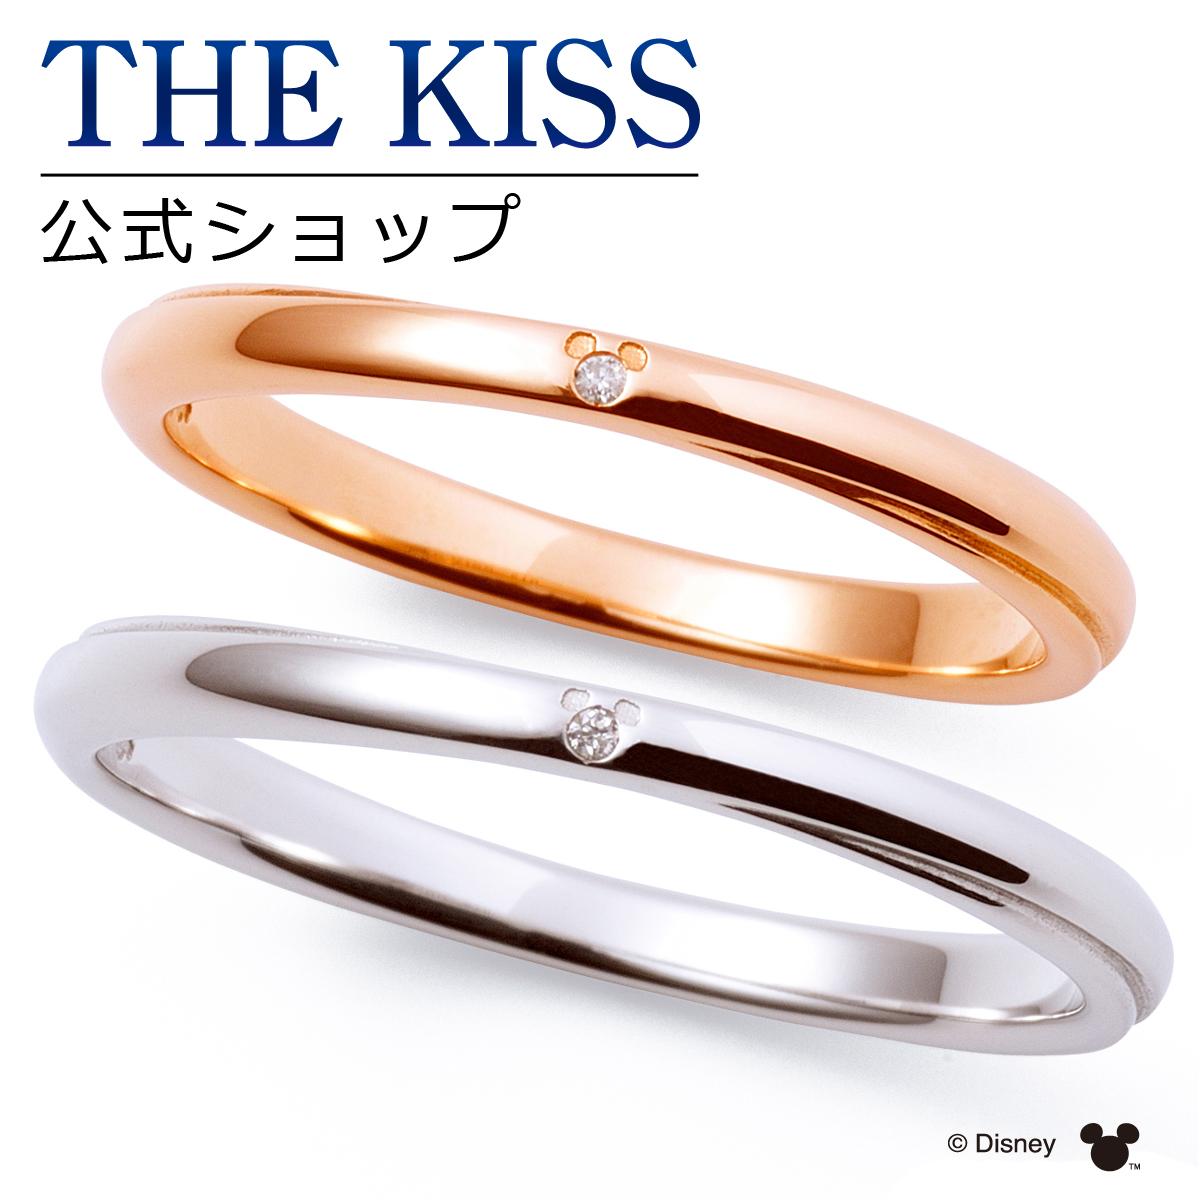 【あす楽対応】【ディズニーコレクション】 ディズニー / ペアリング / 隠れミッキーマウス / THE KISS sweets リング・指輪 K10ゴールド ダイヤモンド DI-PR2704DM-2705DM セット シンプル ザキス 【送料無料】